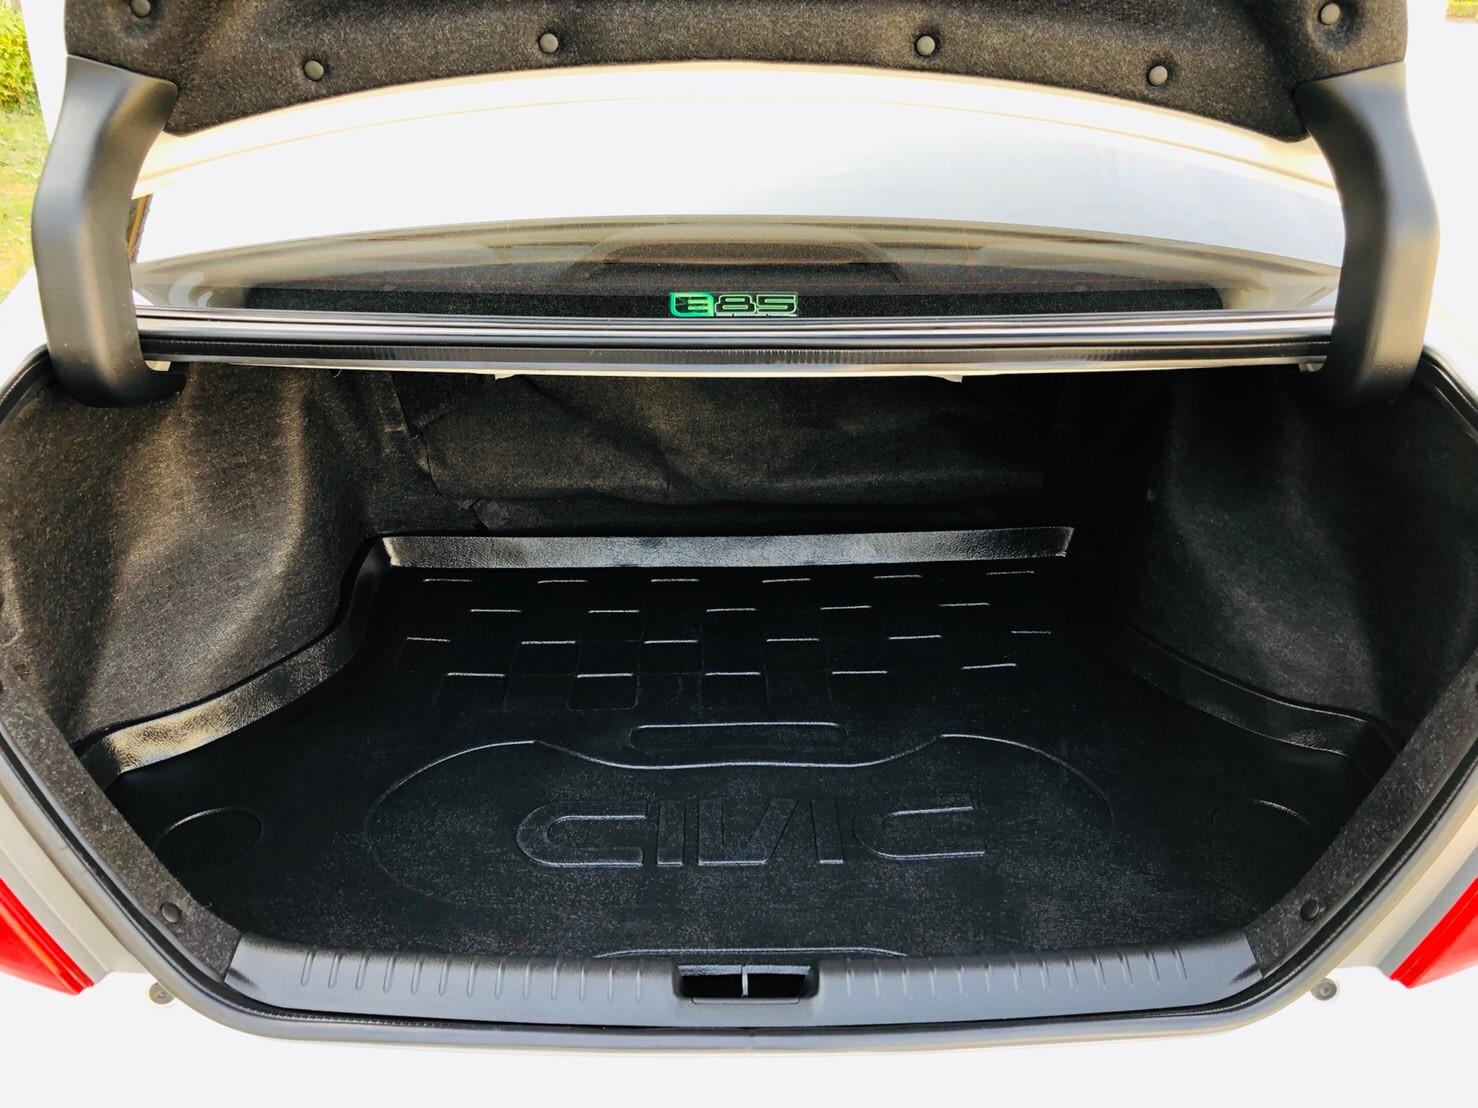 ภาพท้ายรถ ฮอนด้า ซีวิค 1.8 E ปี 2012